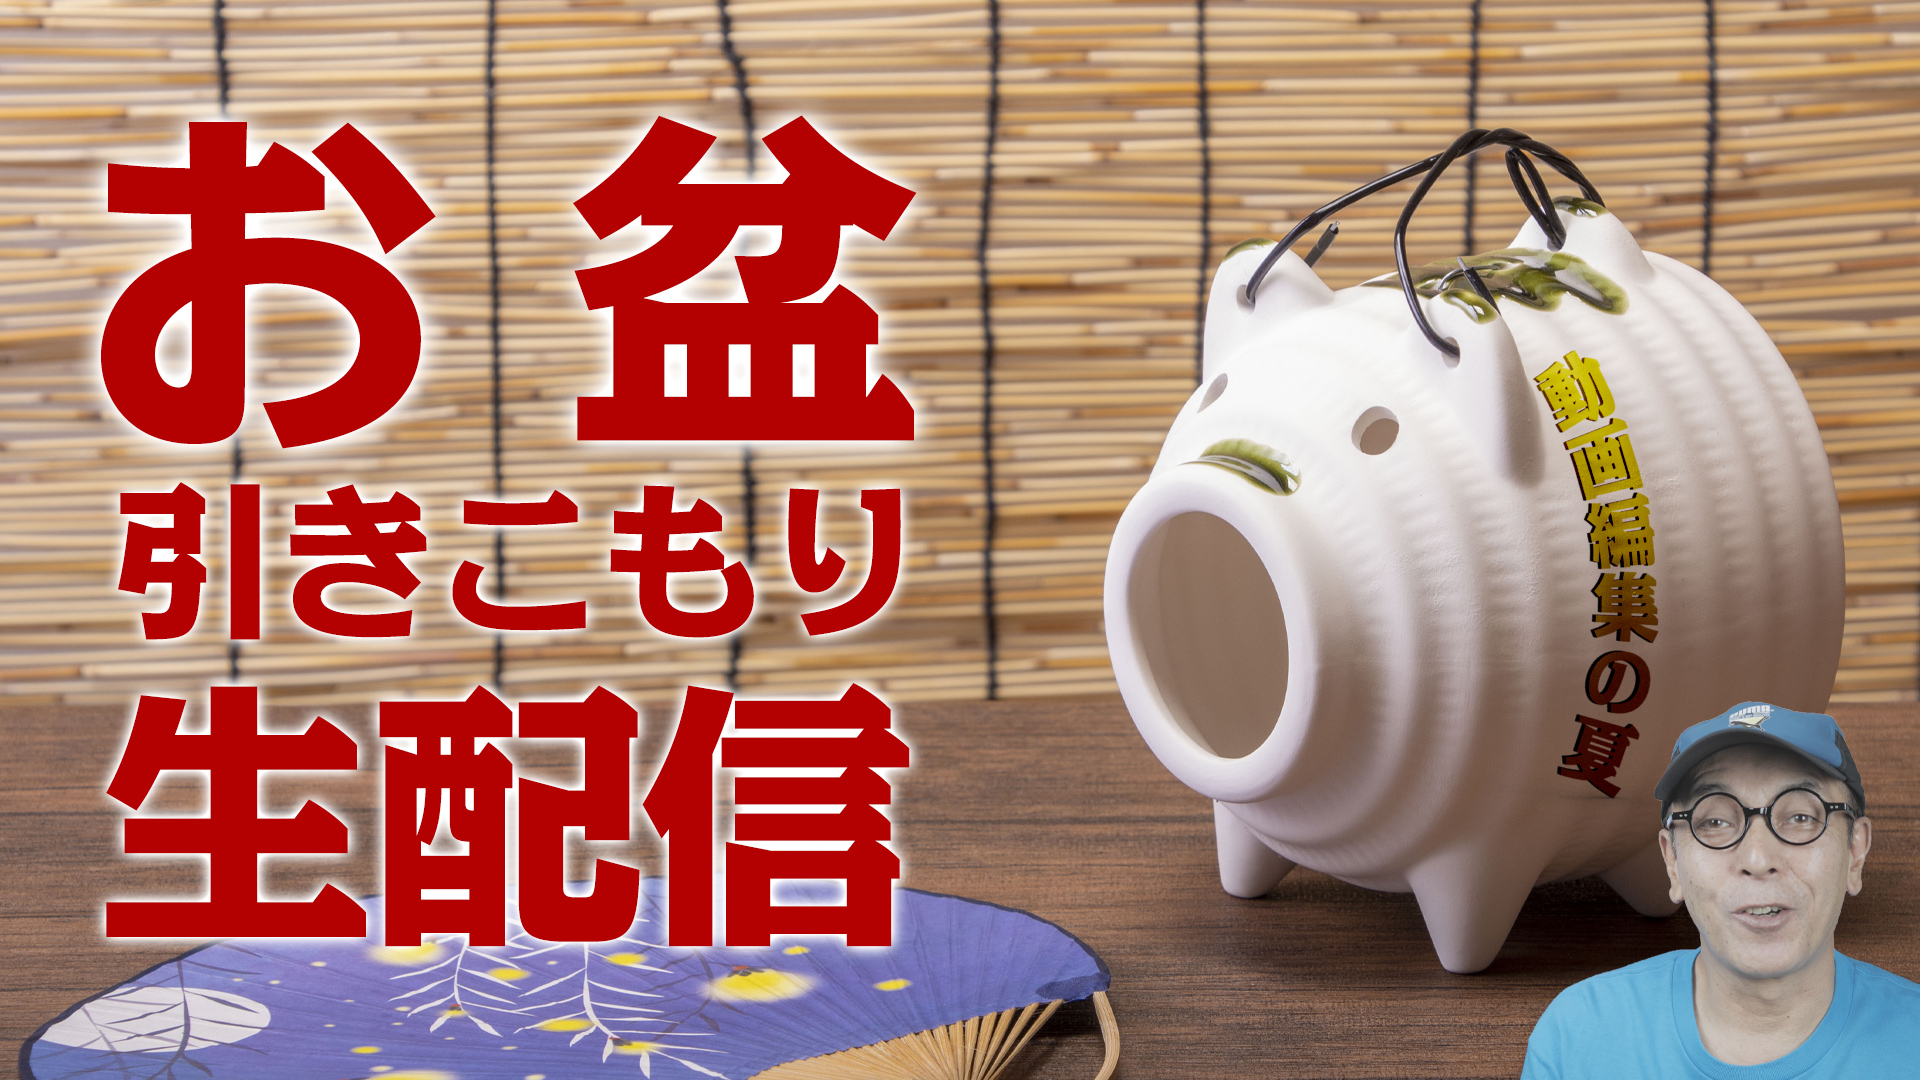 お盆 引きこもり生配信 - 動画編集質問・雑談OK!